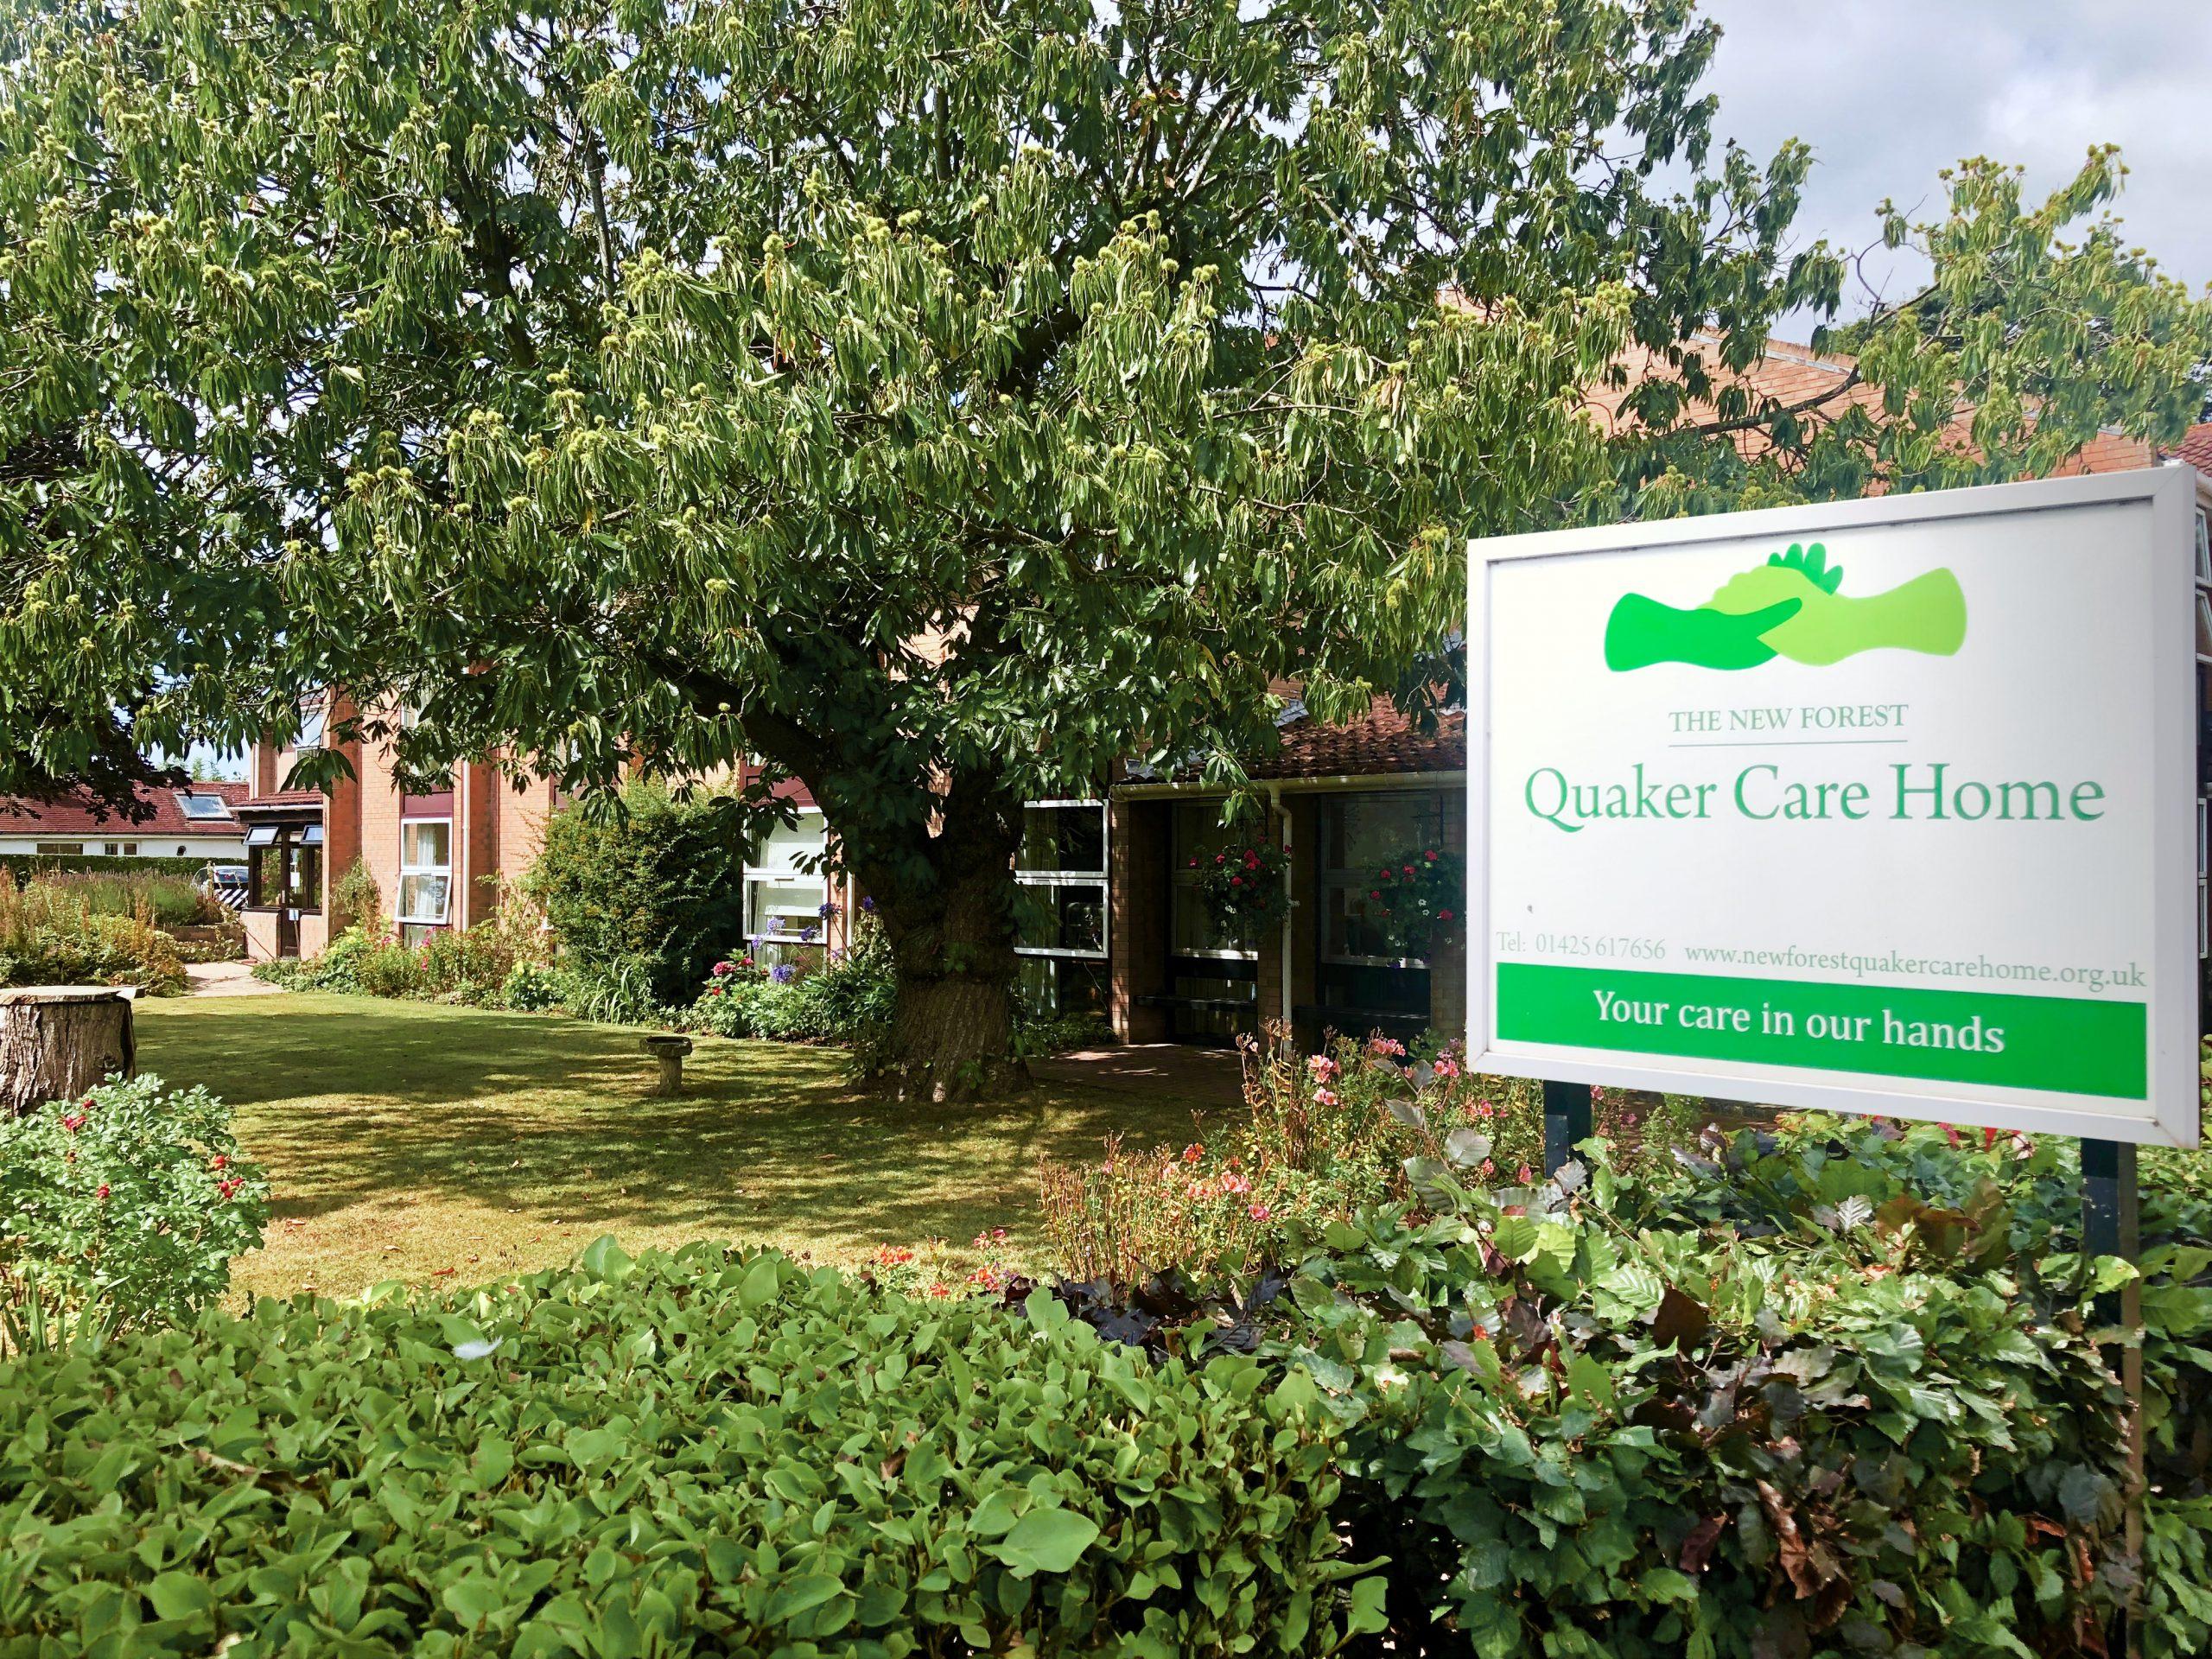 New Forest Quaker Care Home